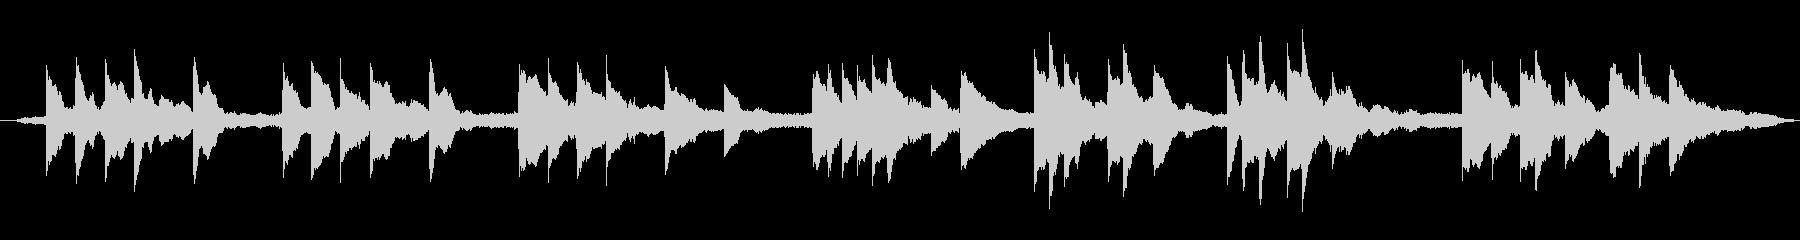 アコースティックピアノとアコーステ...の未再生の波形